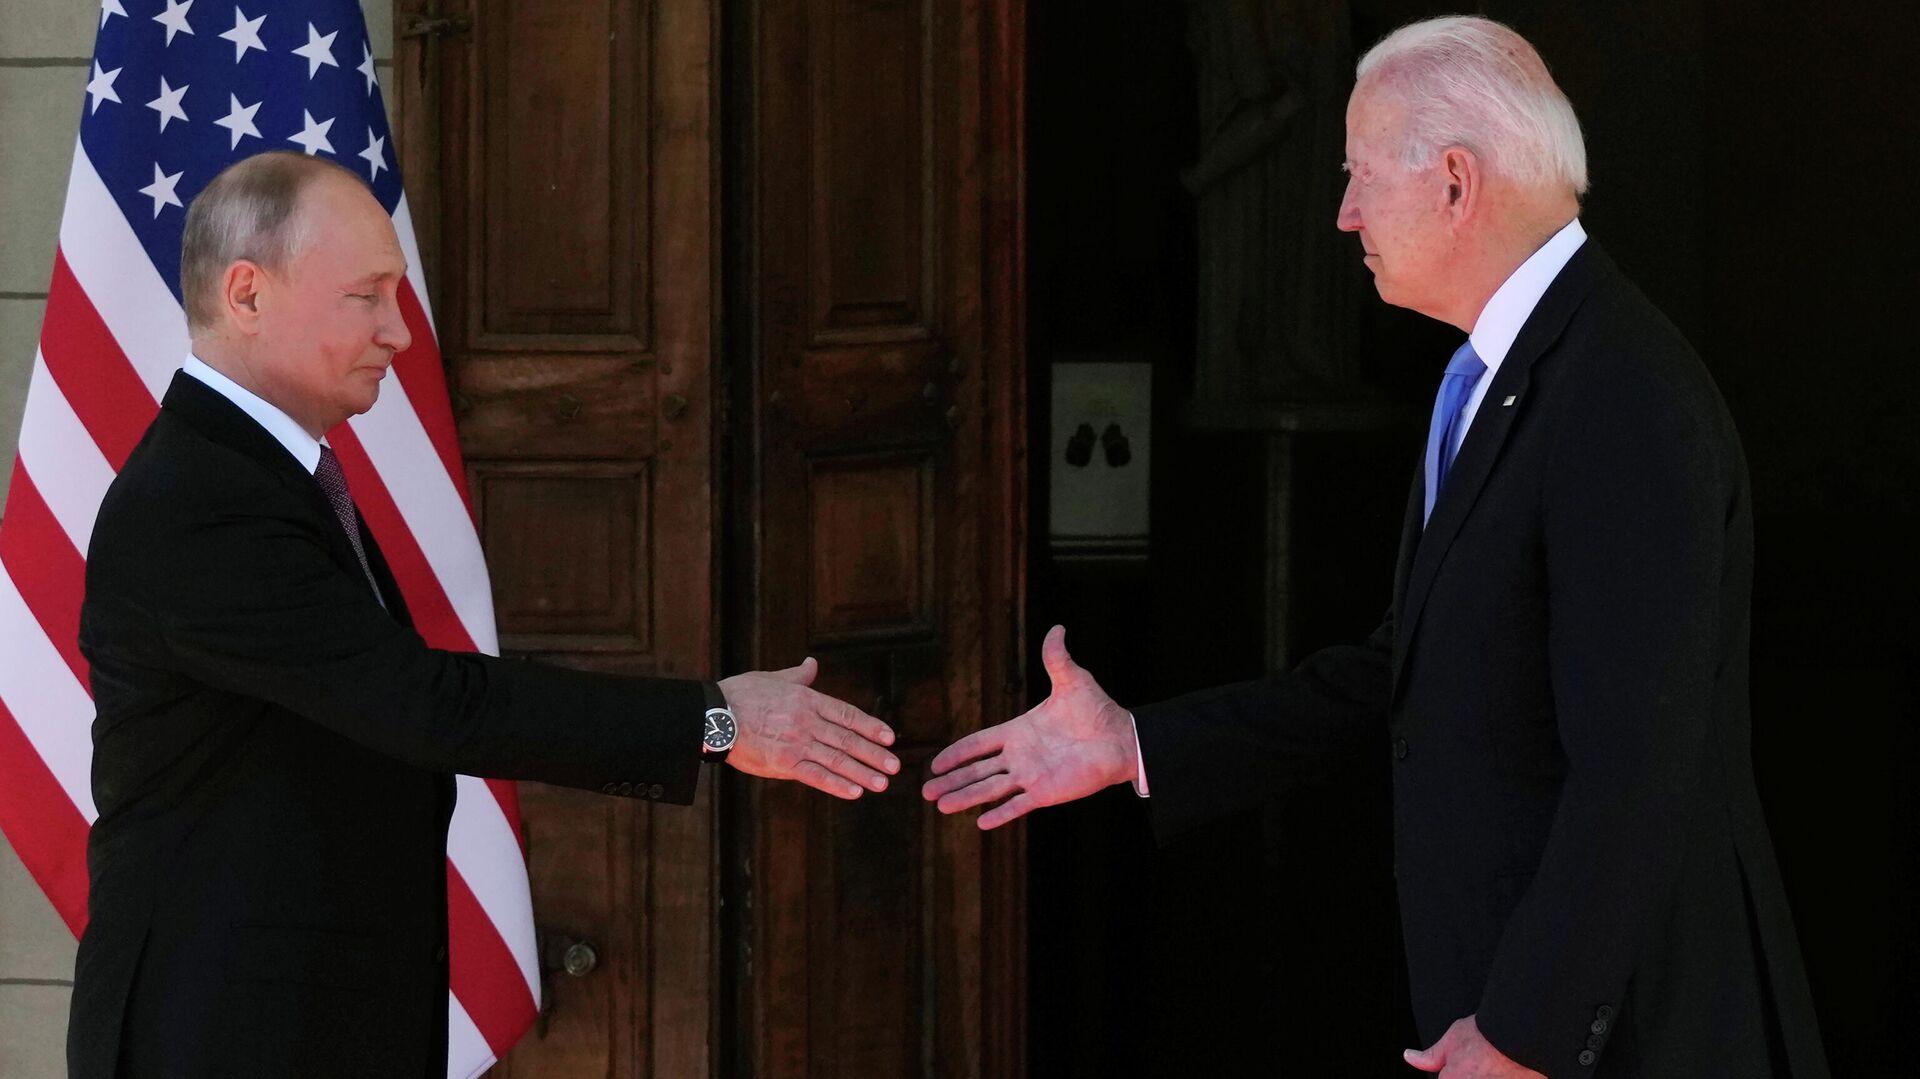 Vladímir Putin, presidente de Rusia, y Joe Biden, presidente de EEUU - Sputnik Mundo, 1920, 22.06.2021